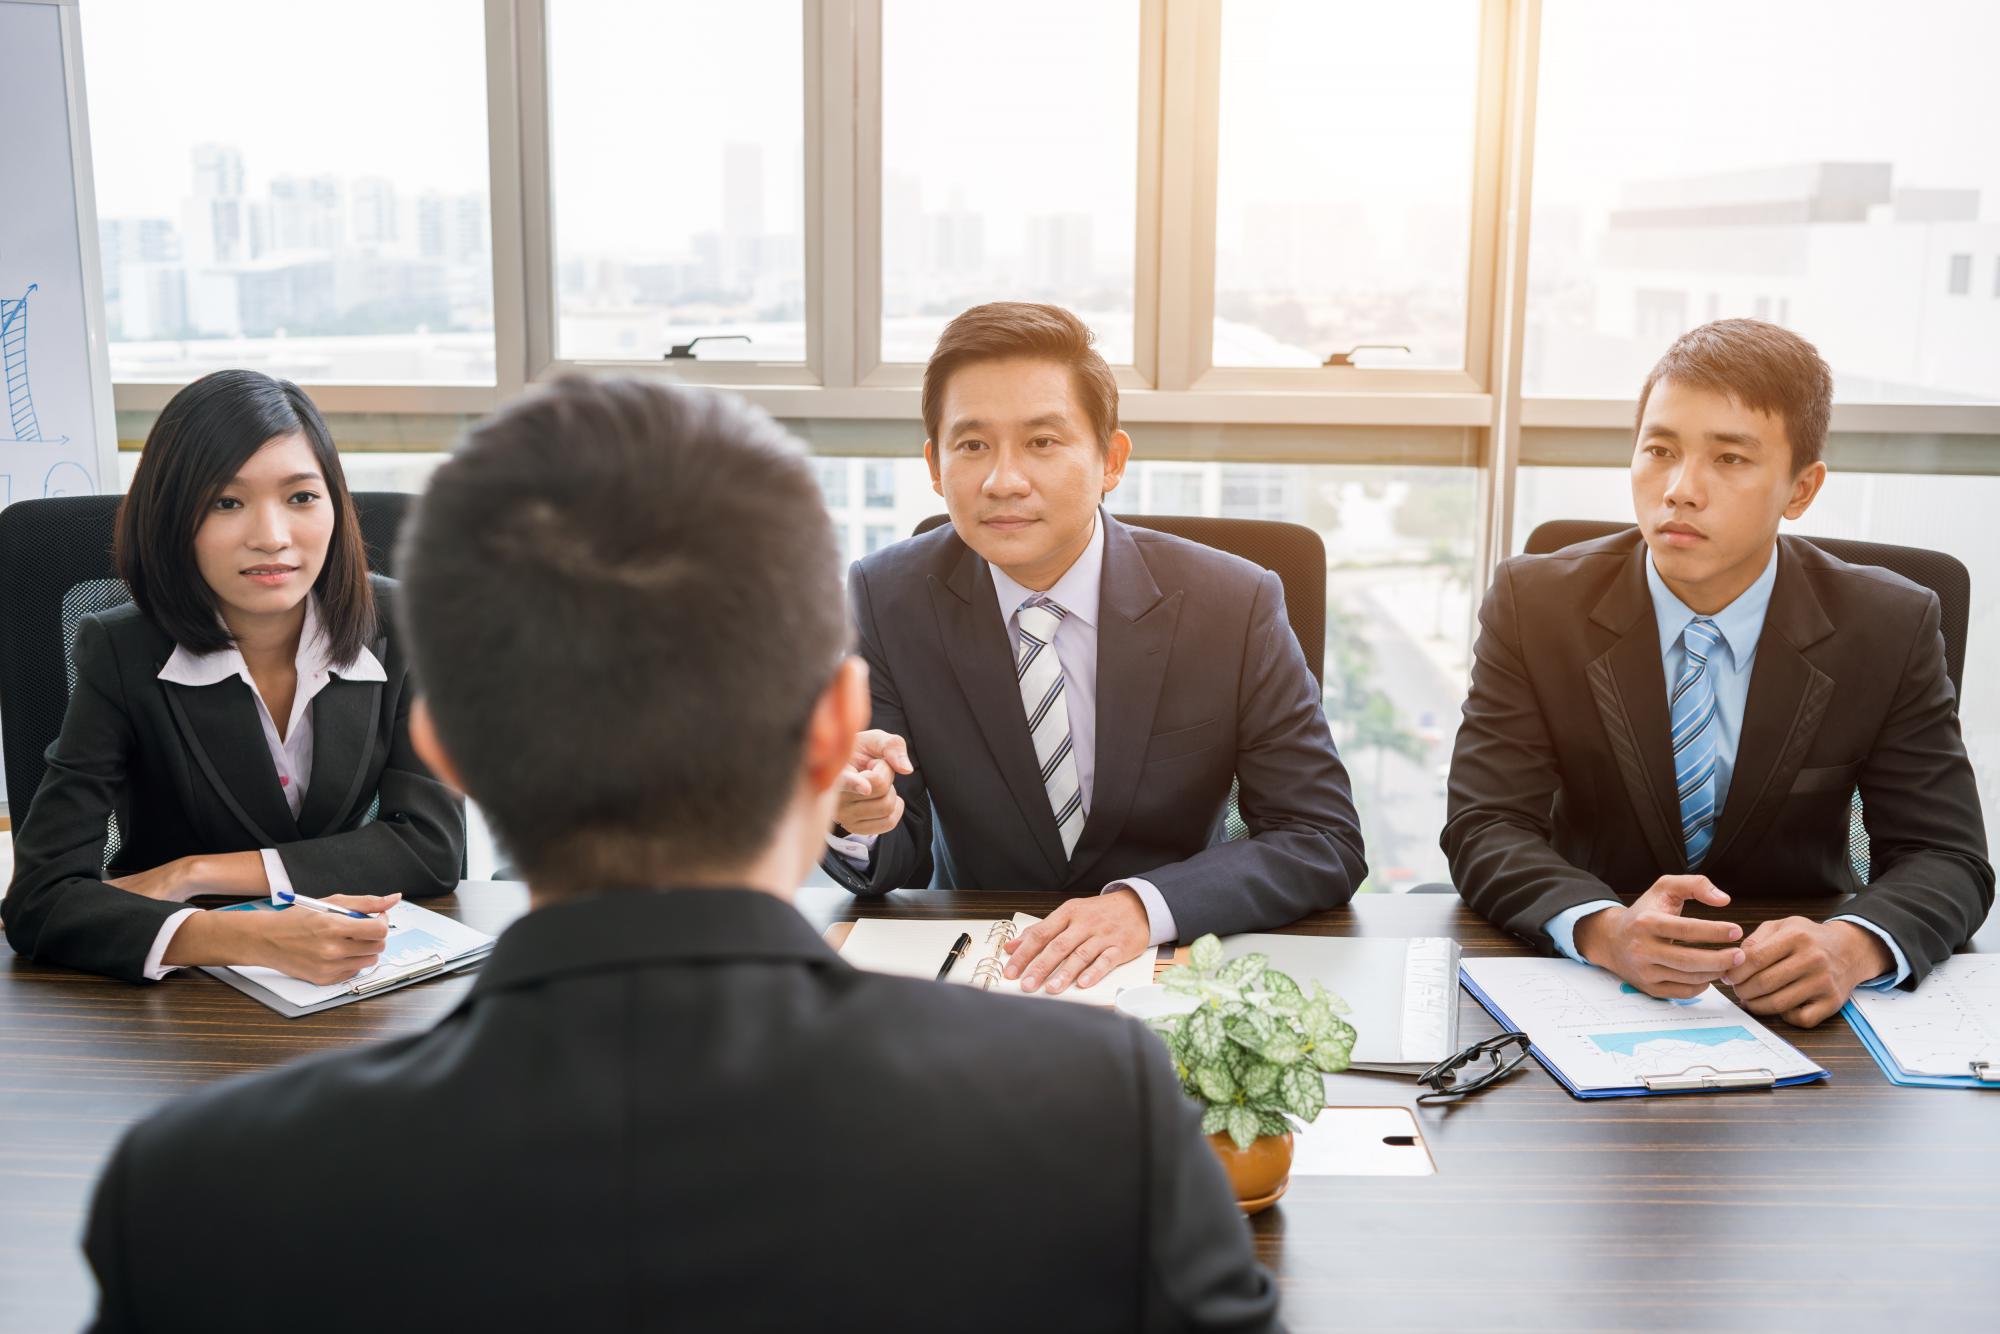 Дочернее общество, филиал, представительство, отделение: критерии выбора для иностранного инвестора